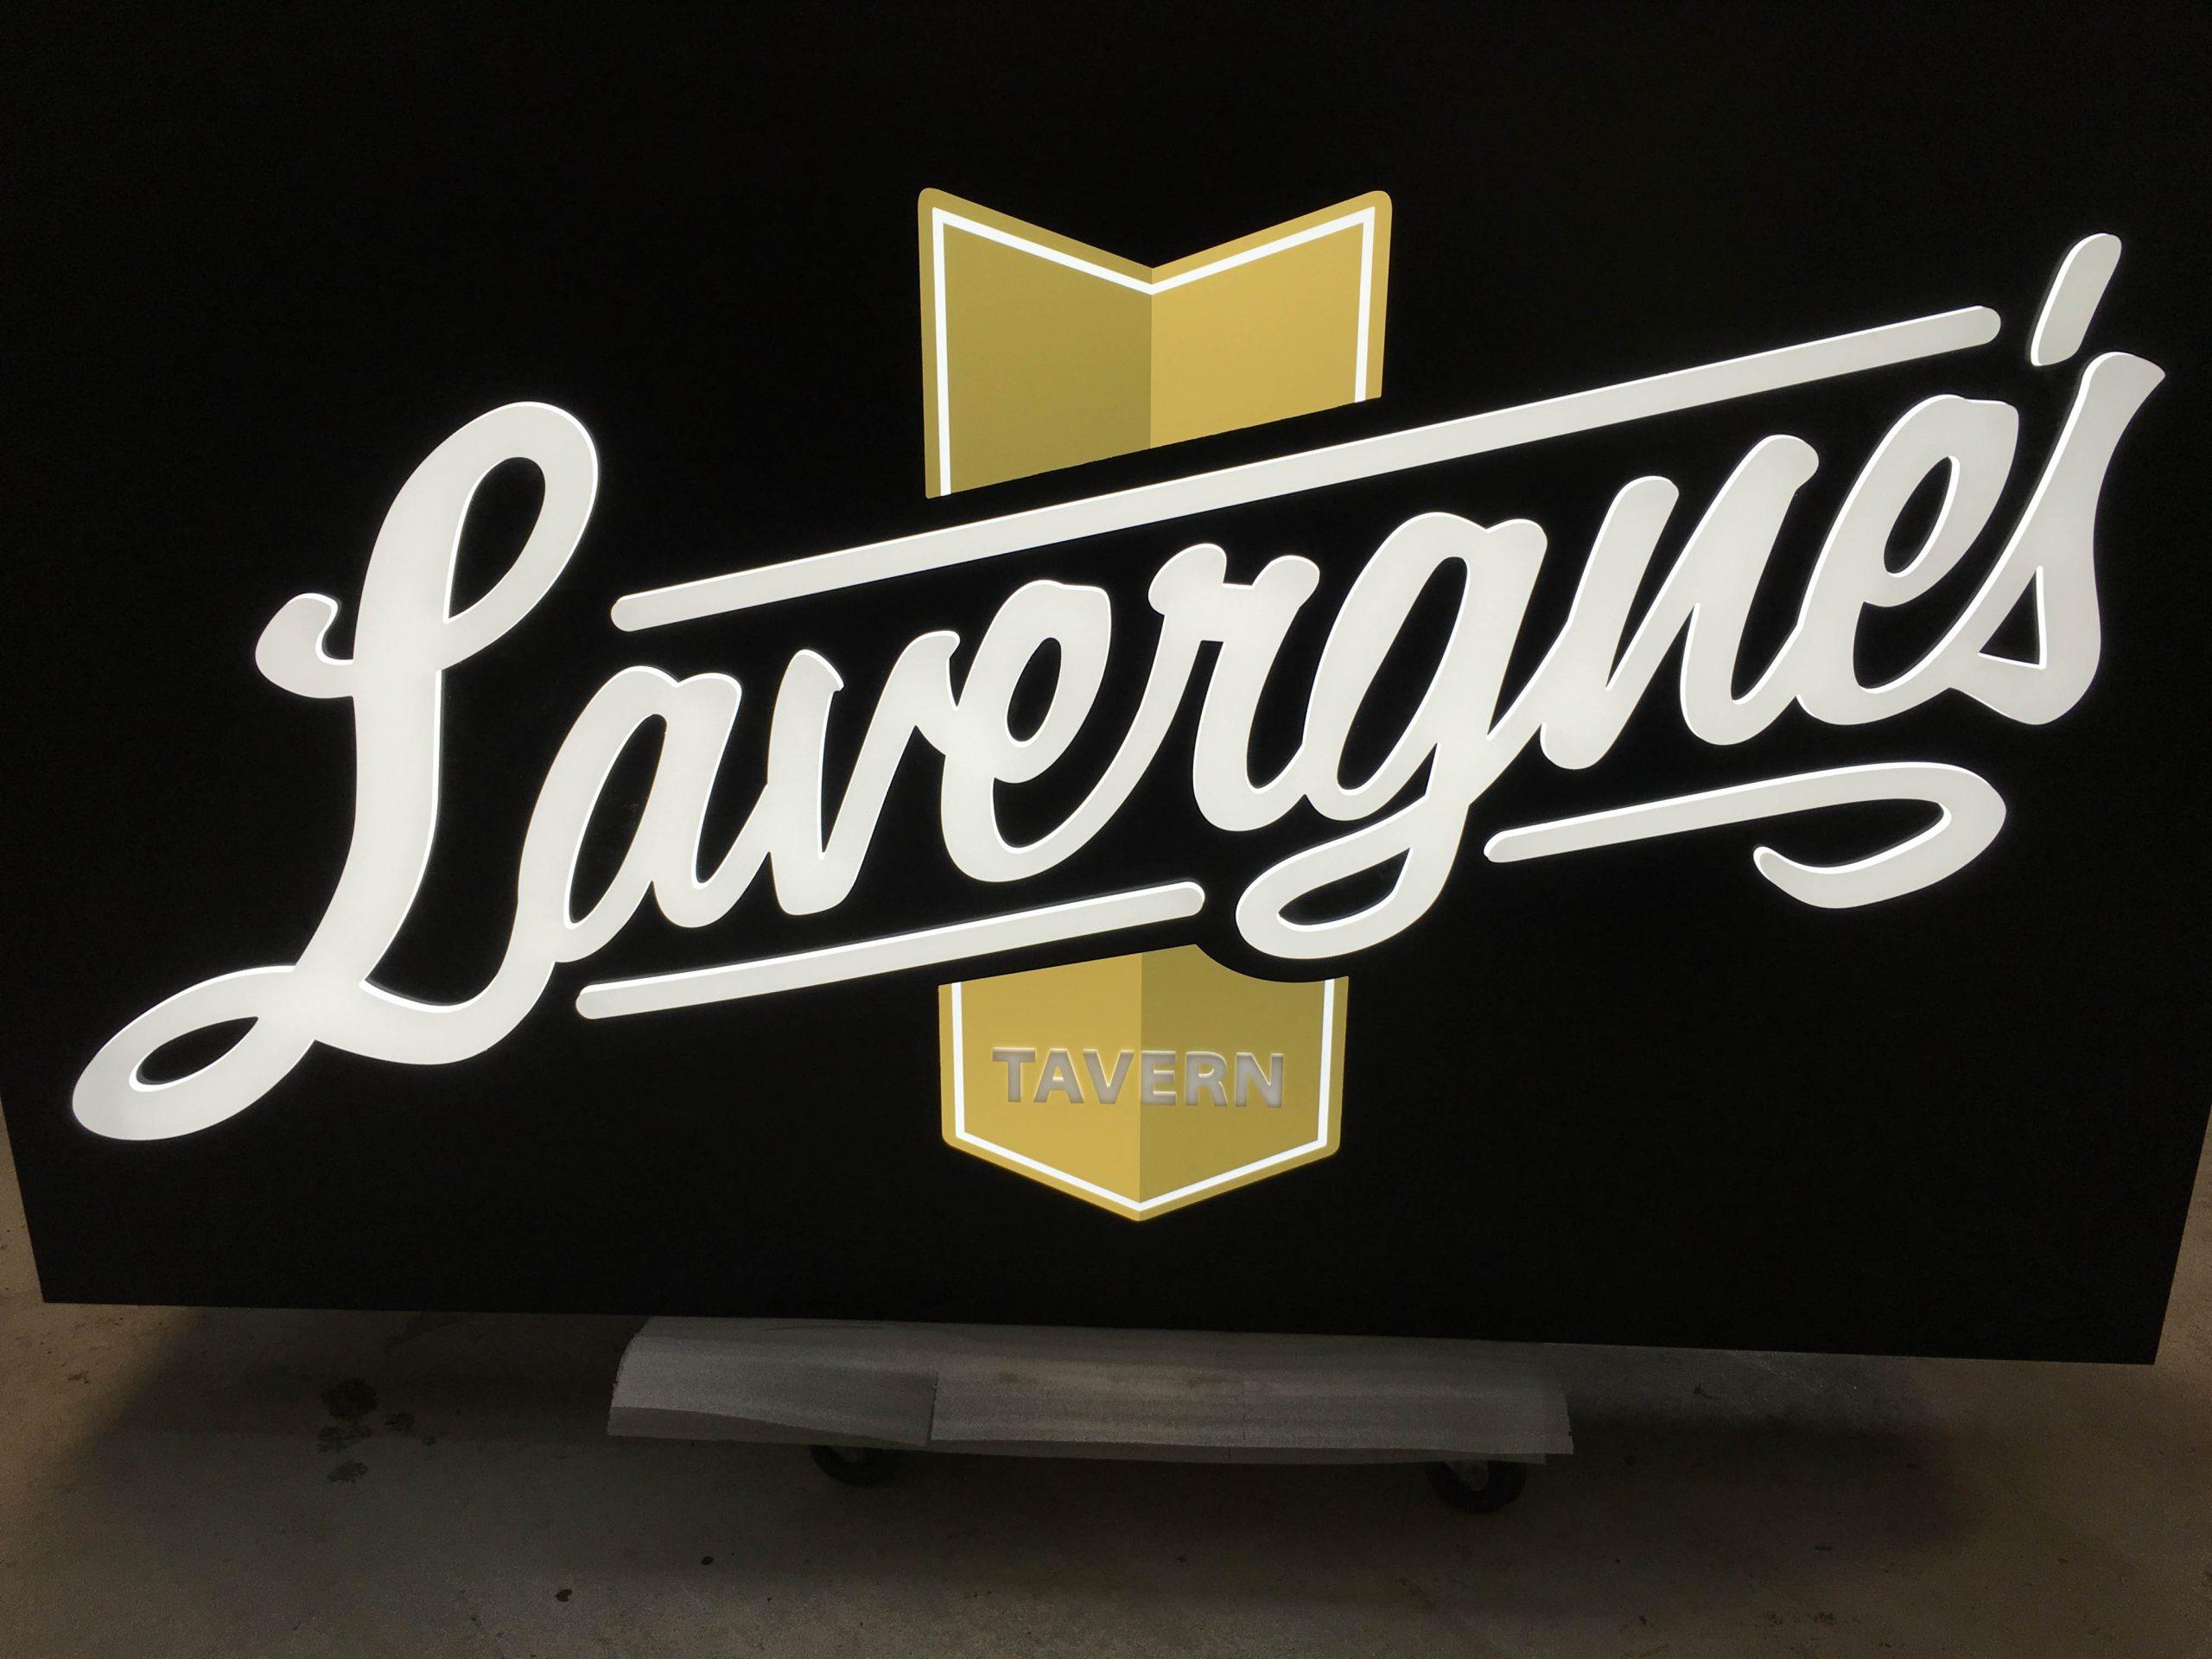 Lavergnes Tavern